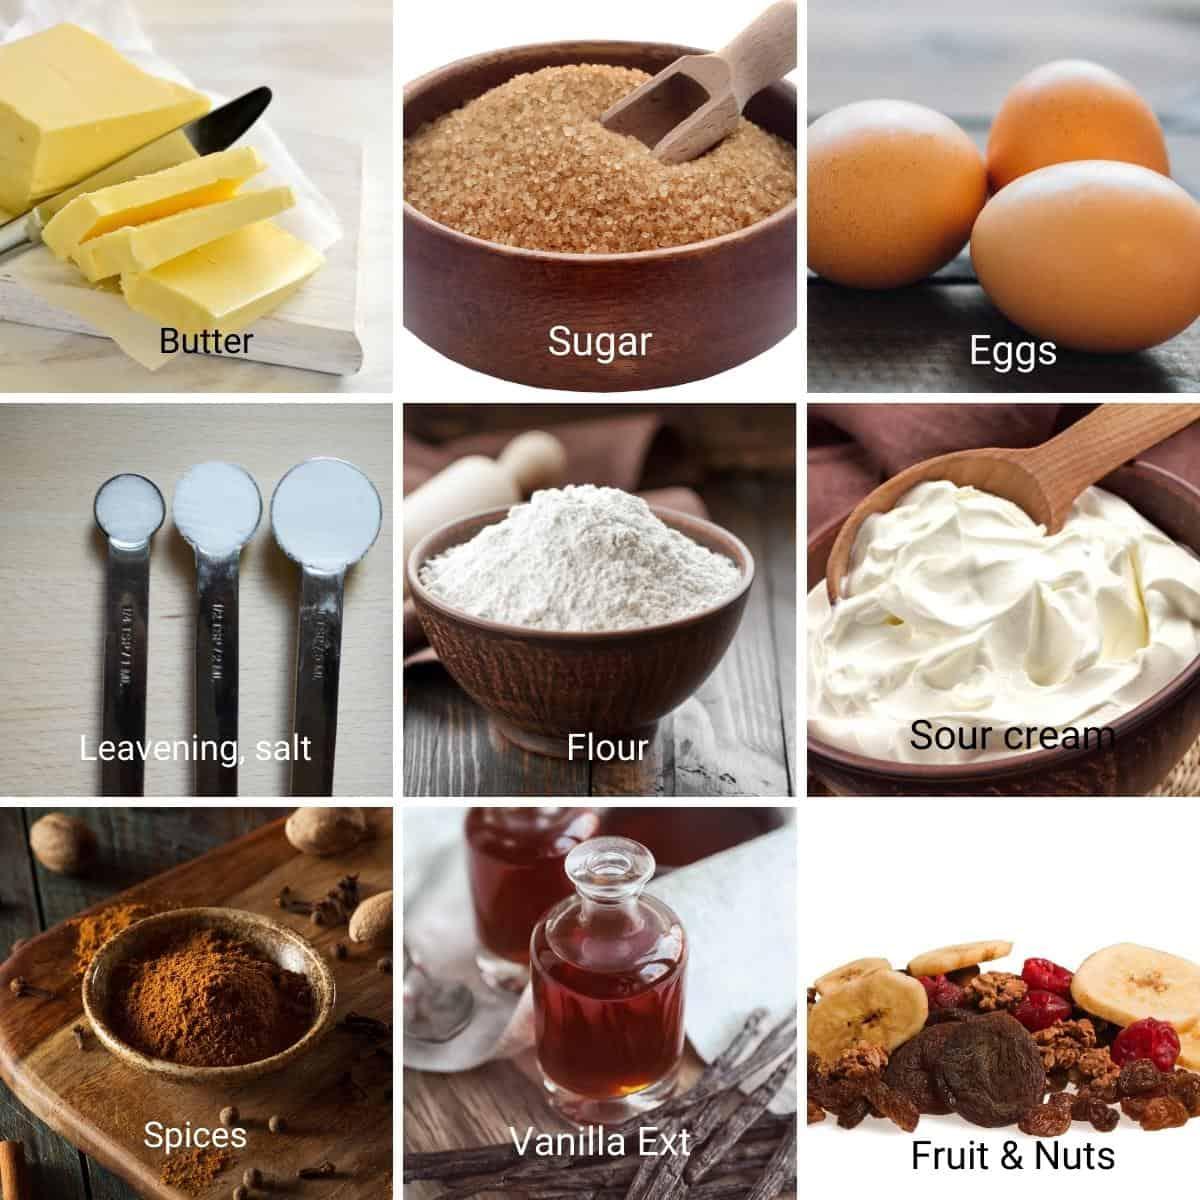 Ingredients for fruitcake recipe.